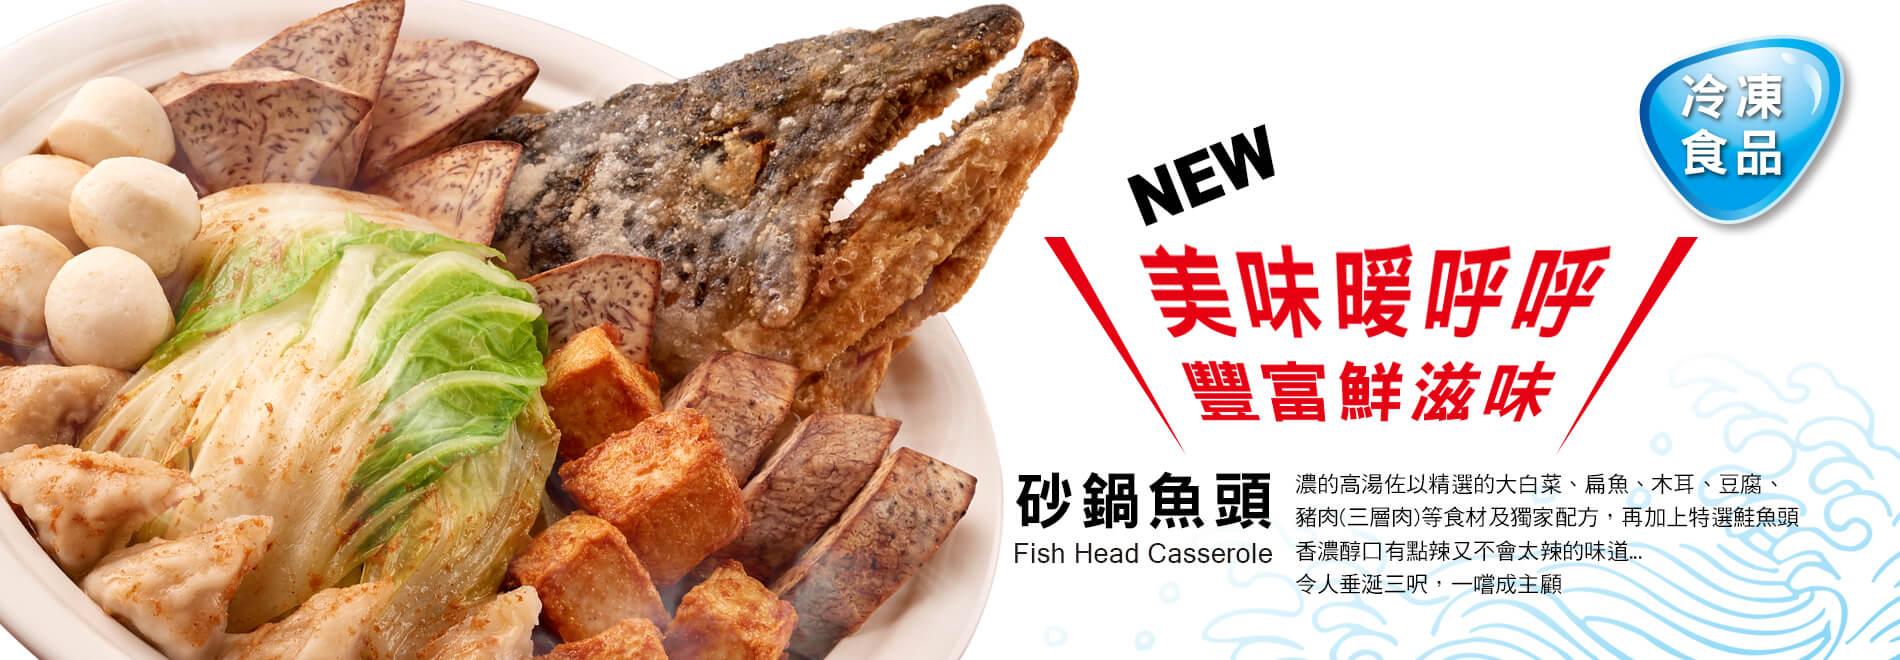 砂鍋魚頭 ( 買就送翡翠海鮮羹 )